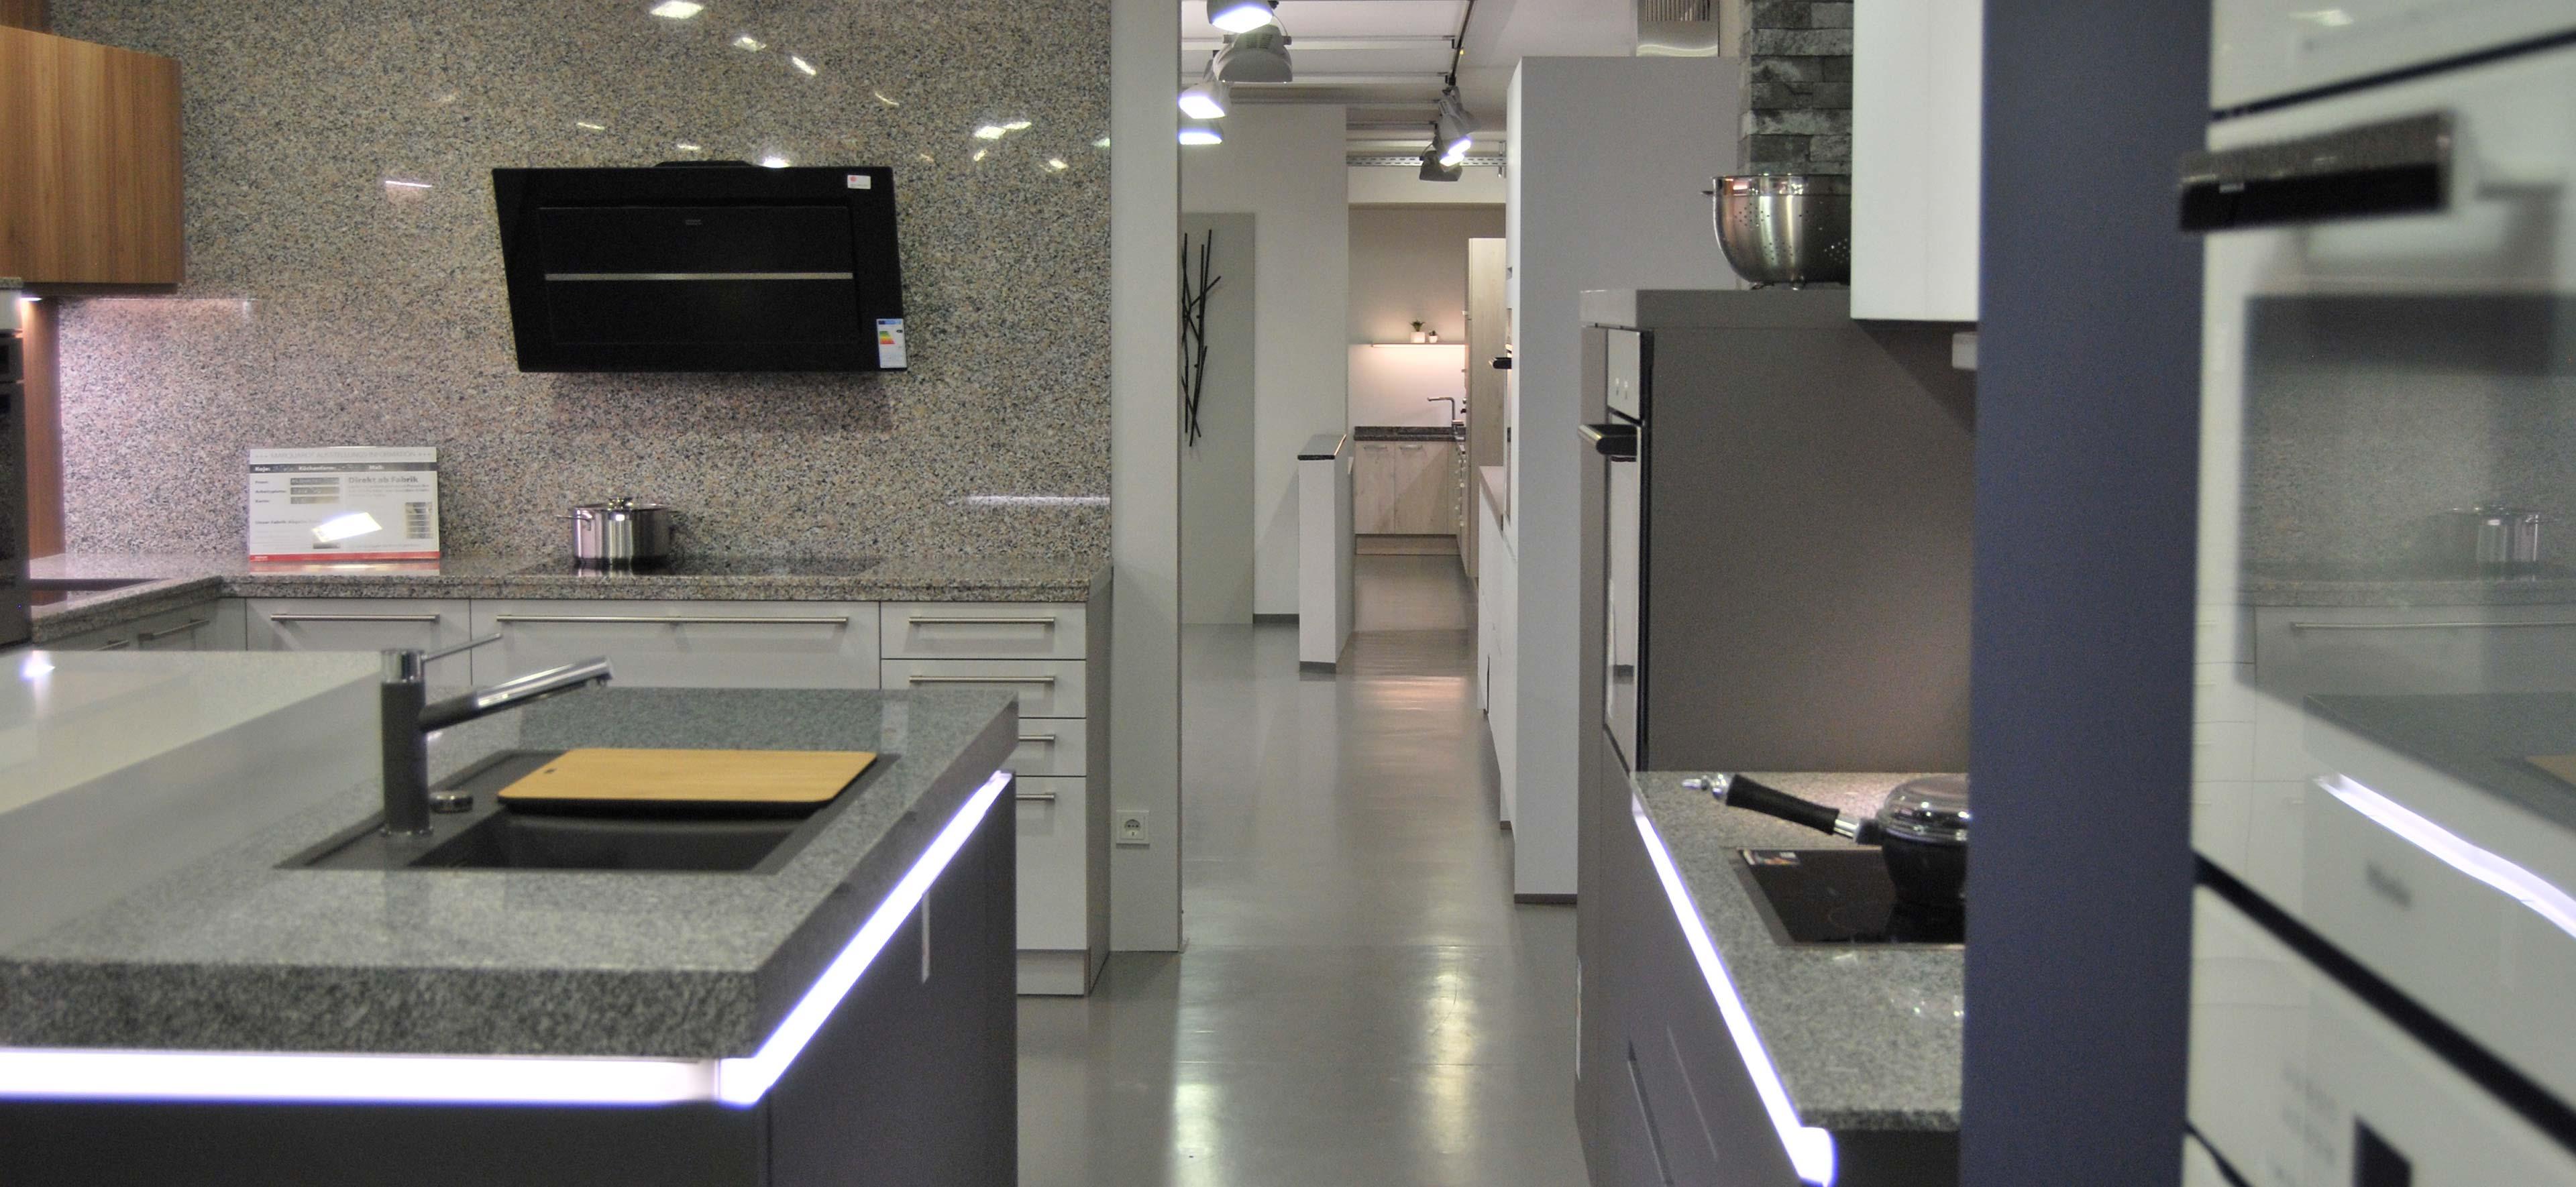 marquardt k chen holzwickede kontaktieren. Black Bedroom Furniture Sets. Home Design Ideas